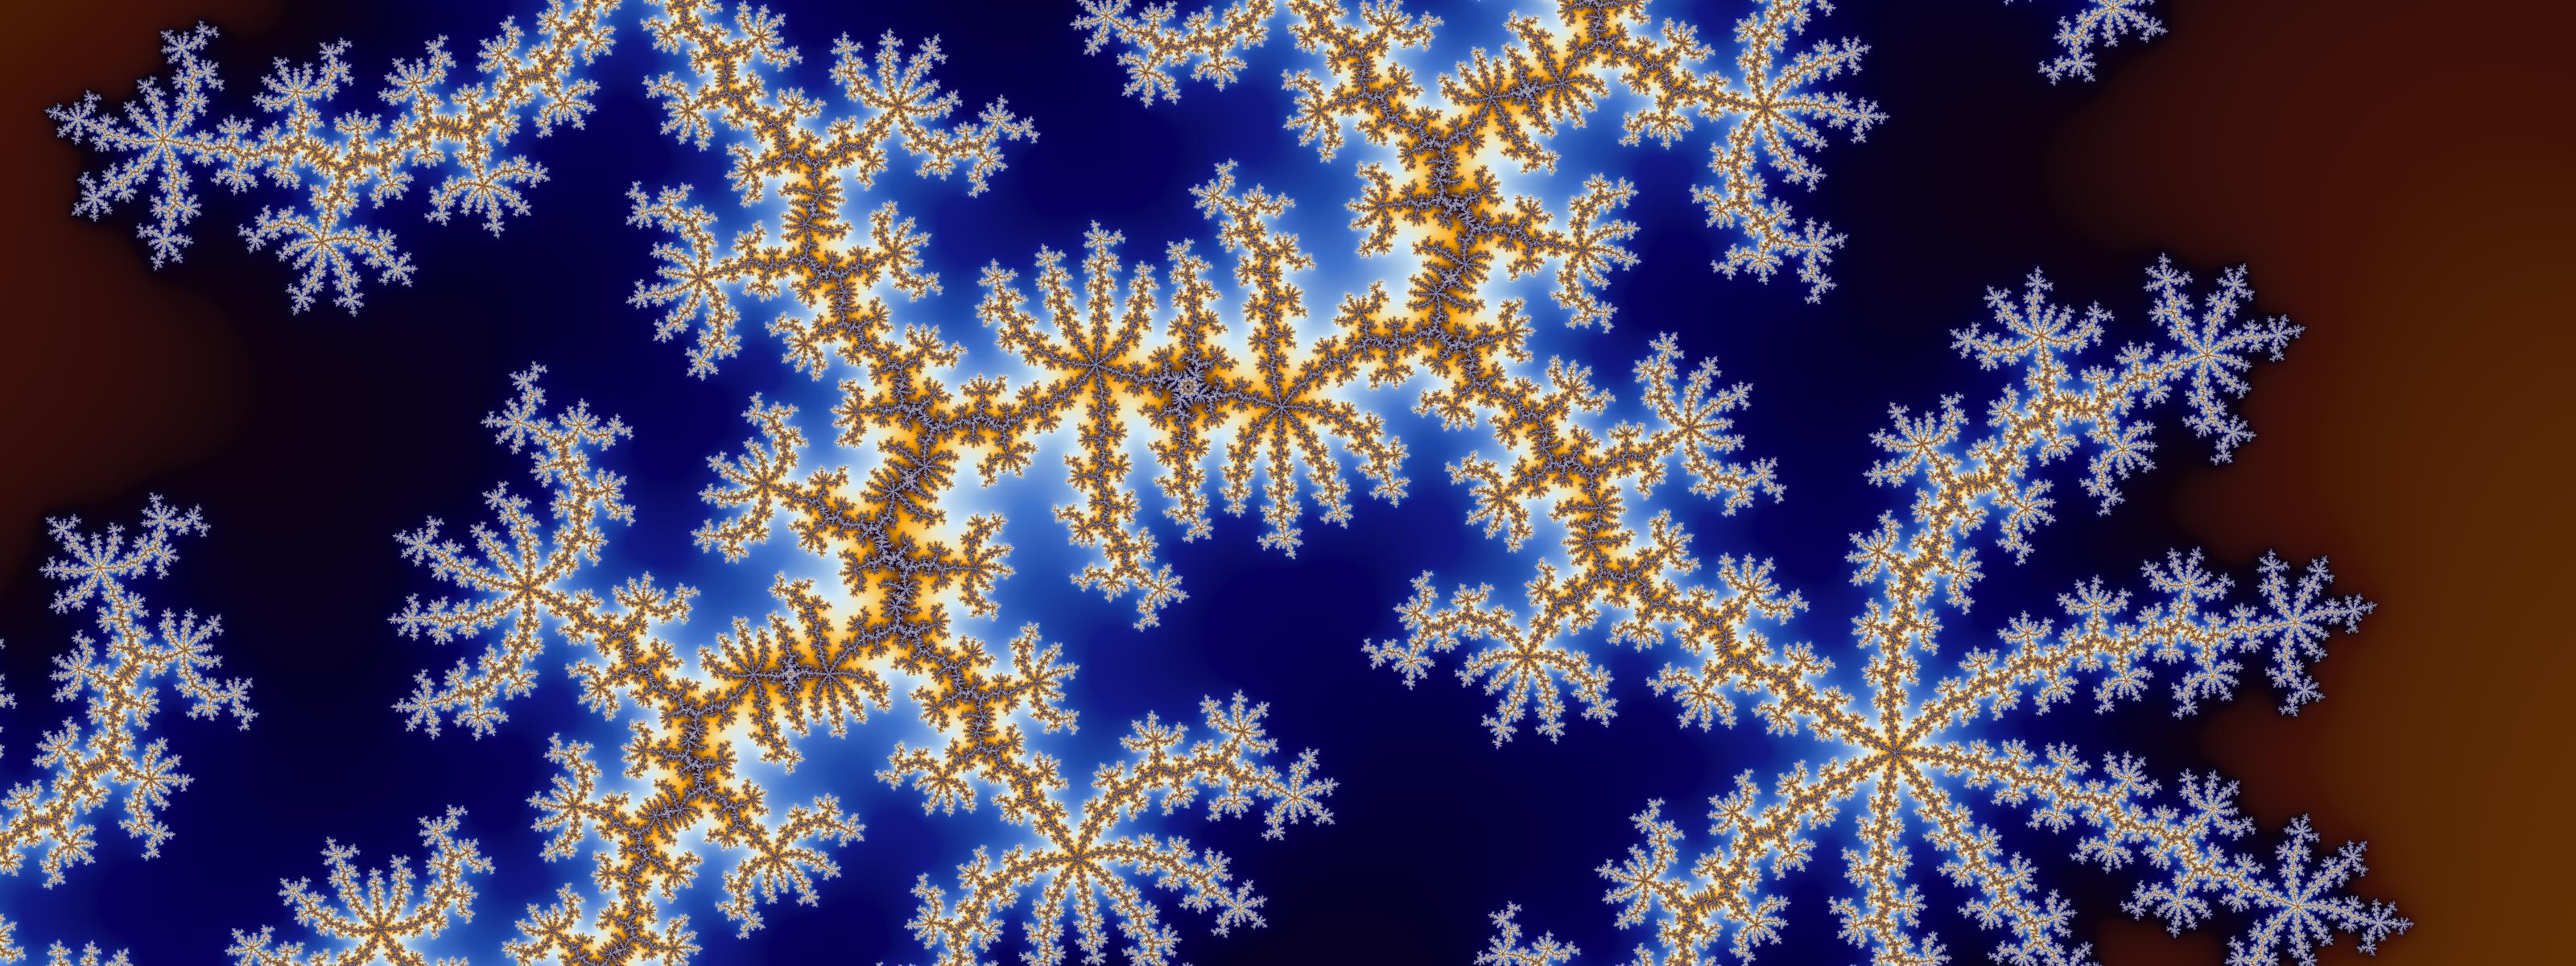 functional fractals  u2014 mandelbrot set in f